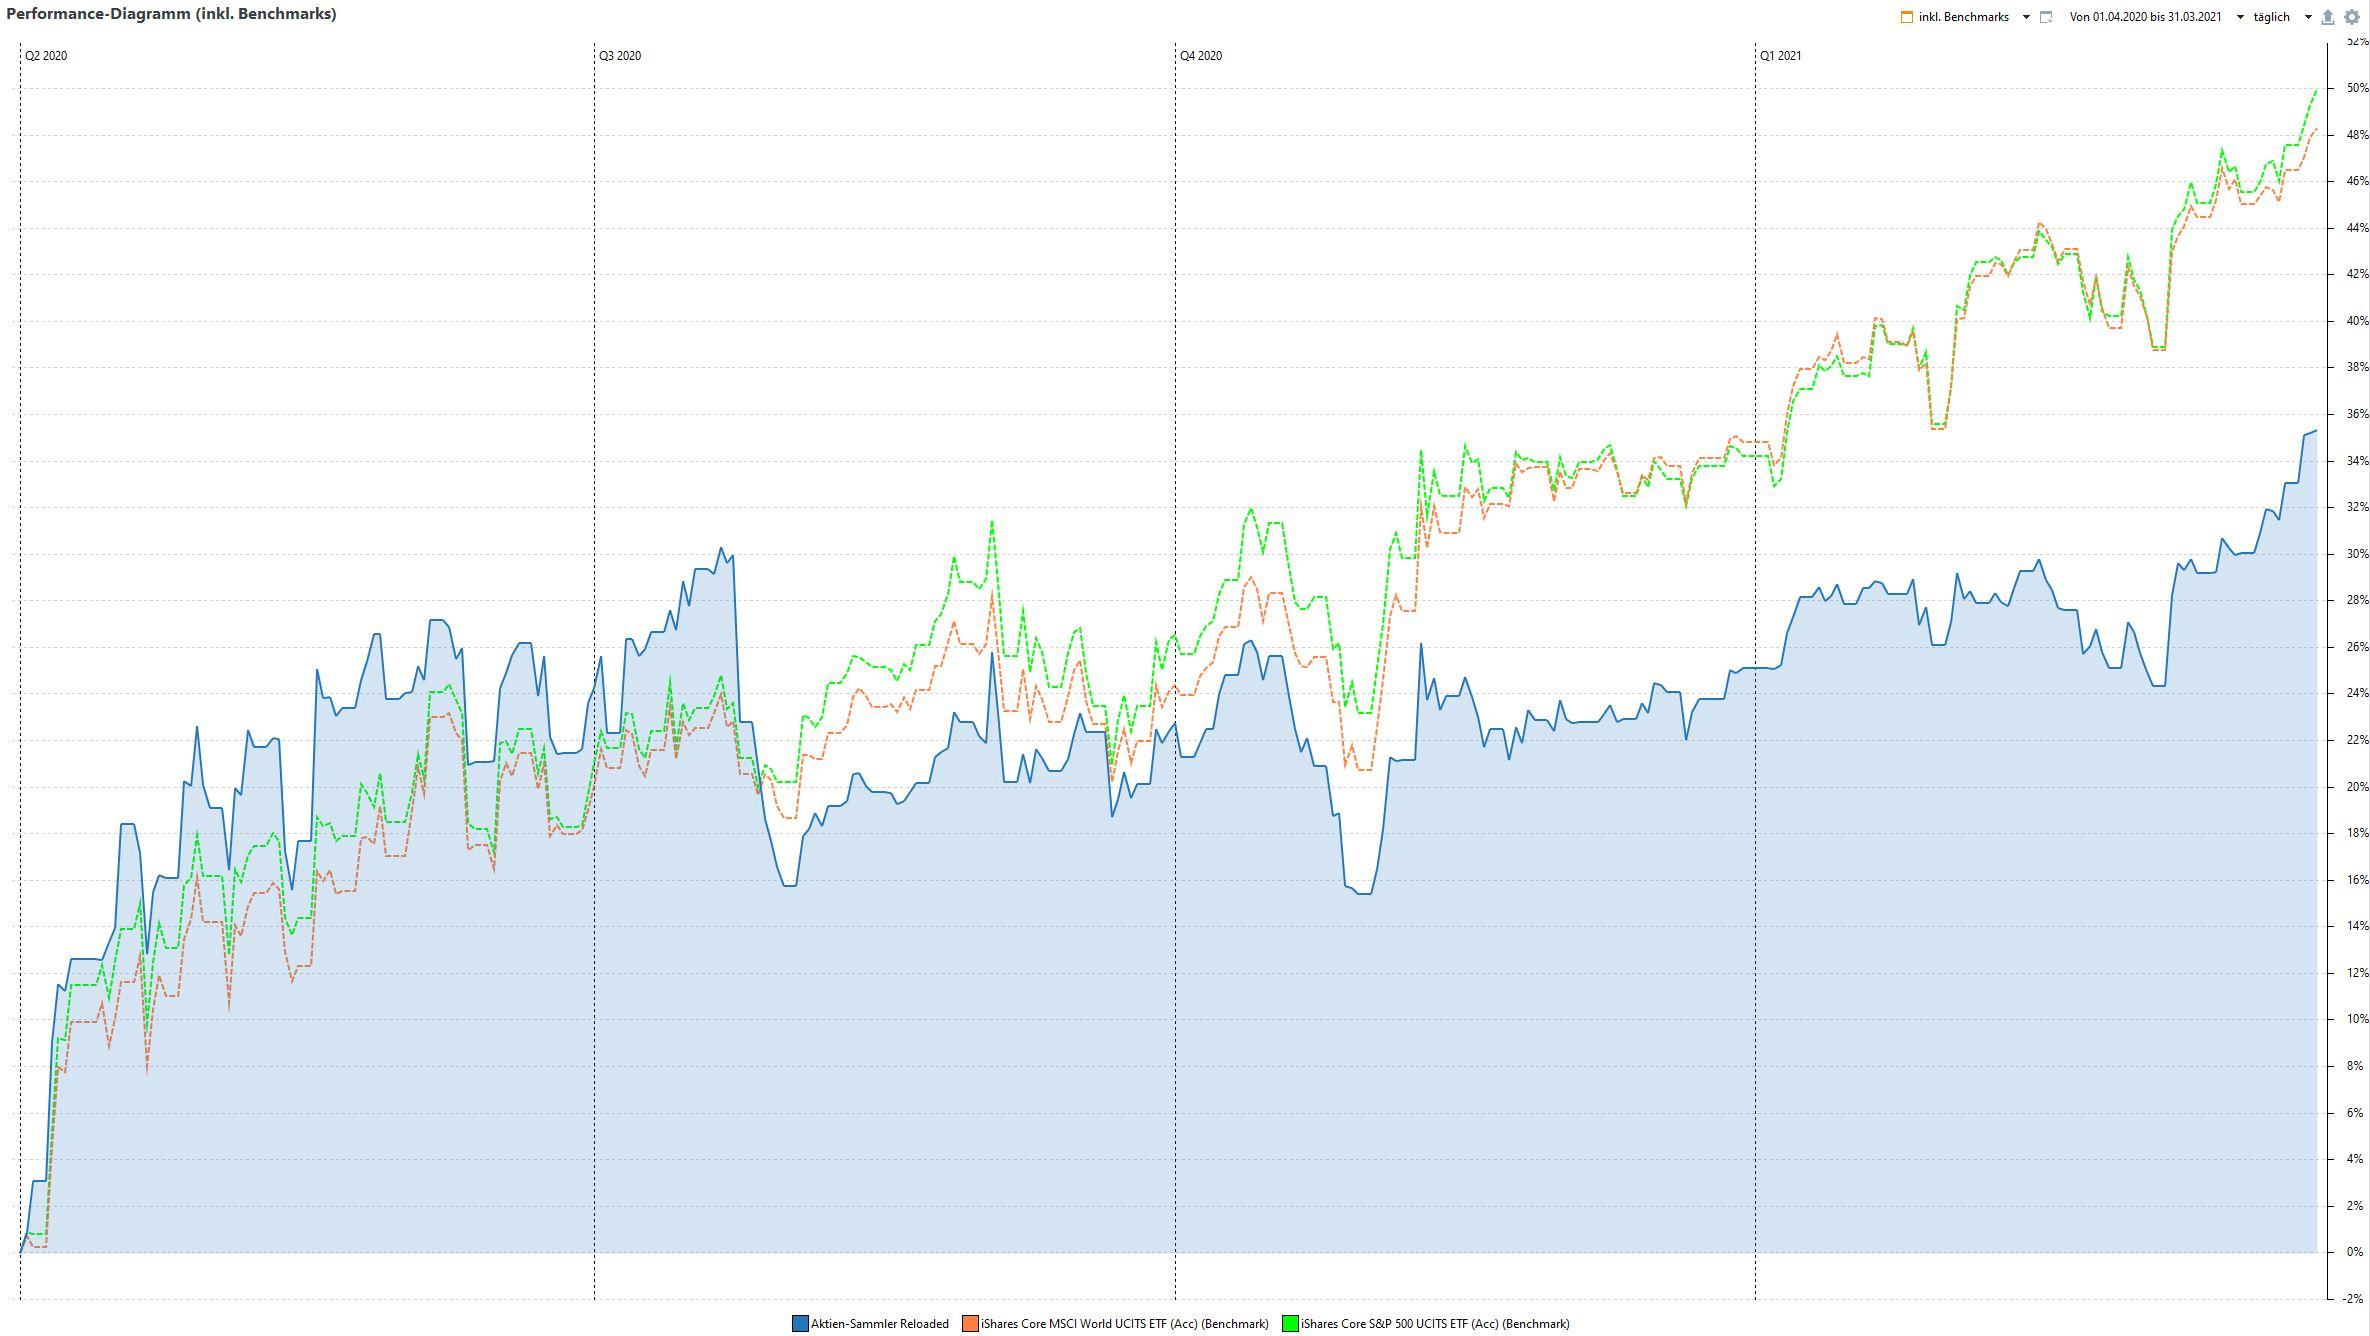 Aktien-Sammler Reloaded Depot - Benchmarking